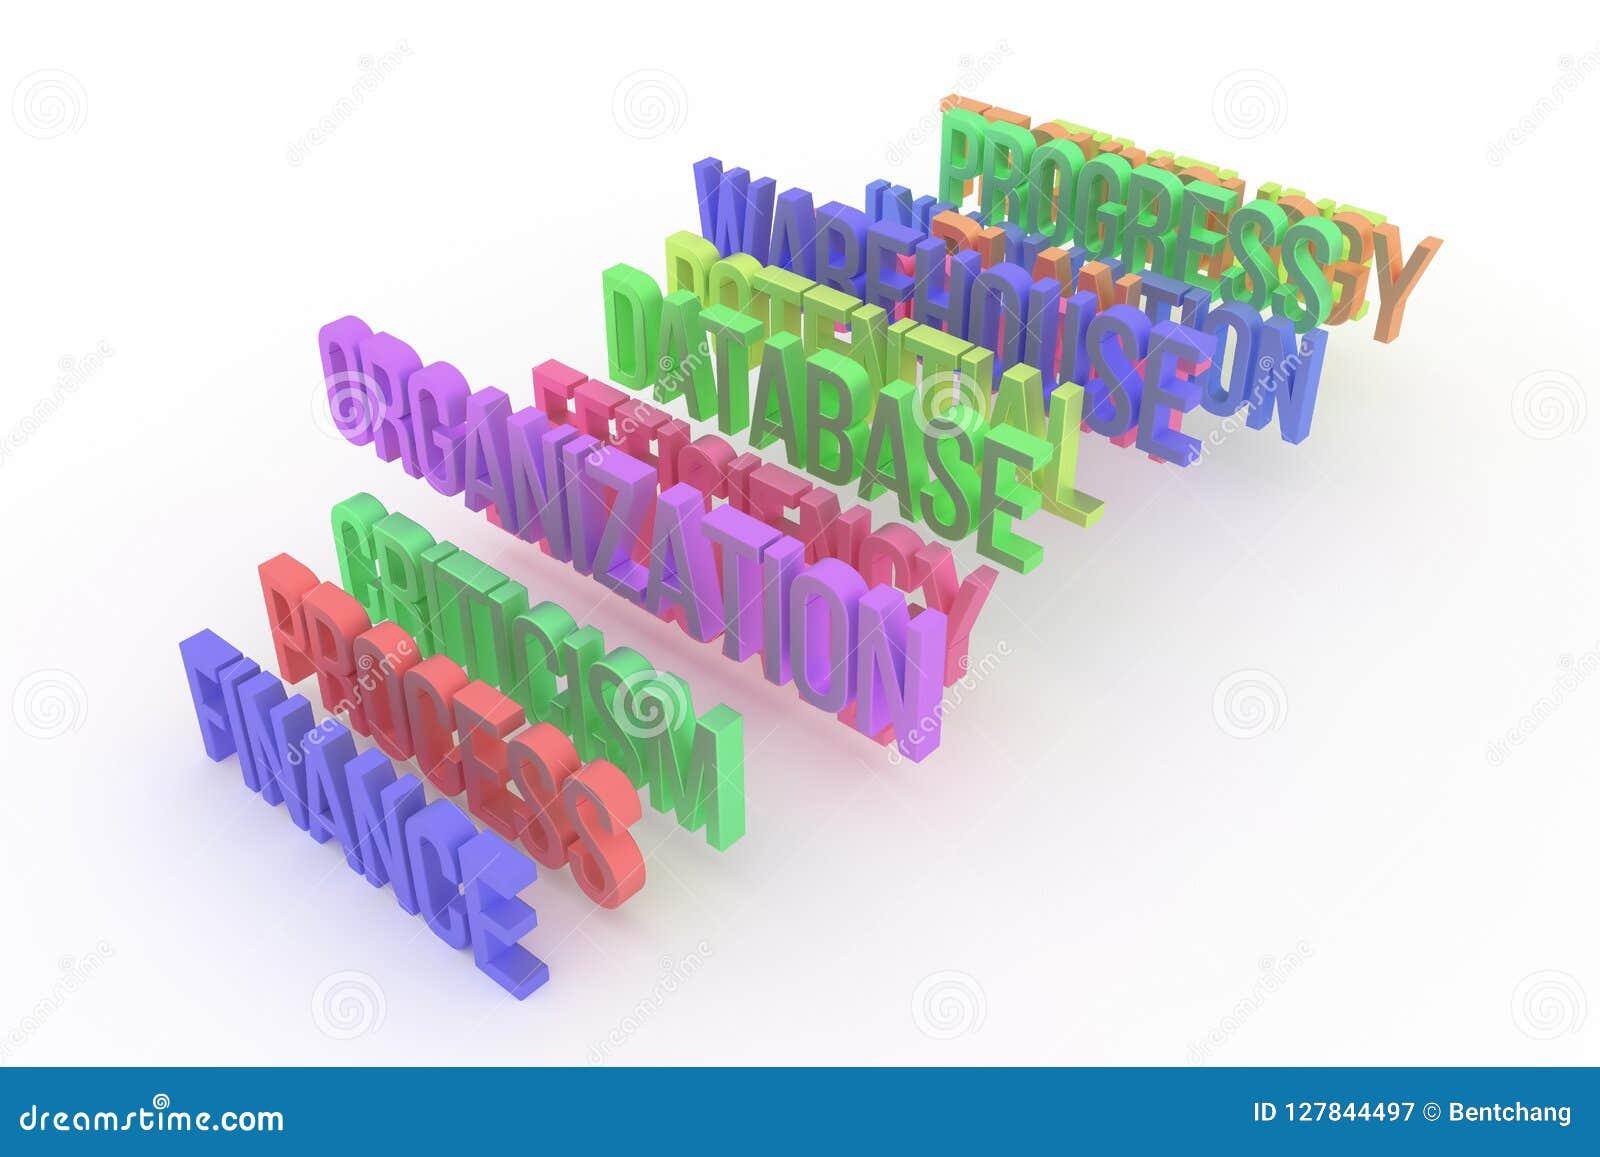 Prozess, Organisation u. Finanzierung, bunte begrifflichwörter 3D des Geschäfts Hintergrund, Tapete, Zusammenfassung u. Typografi